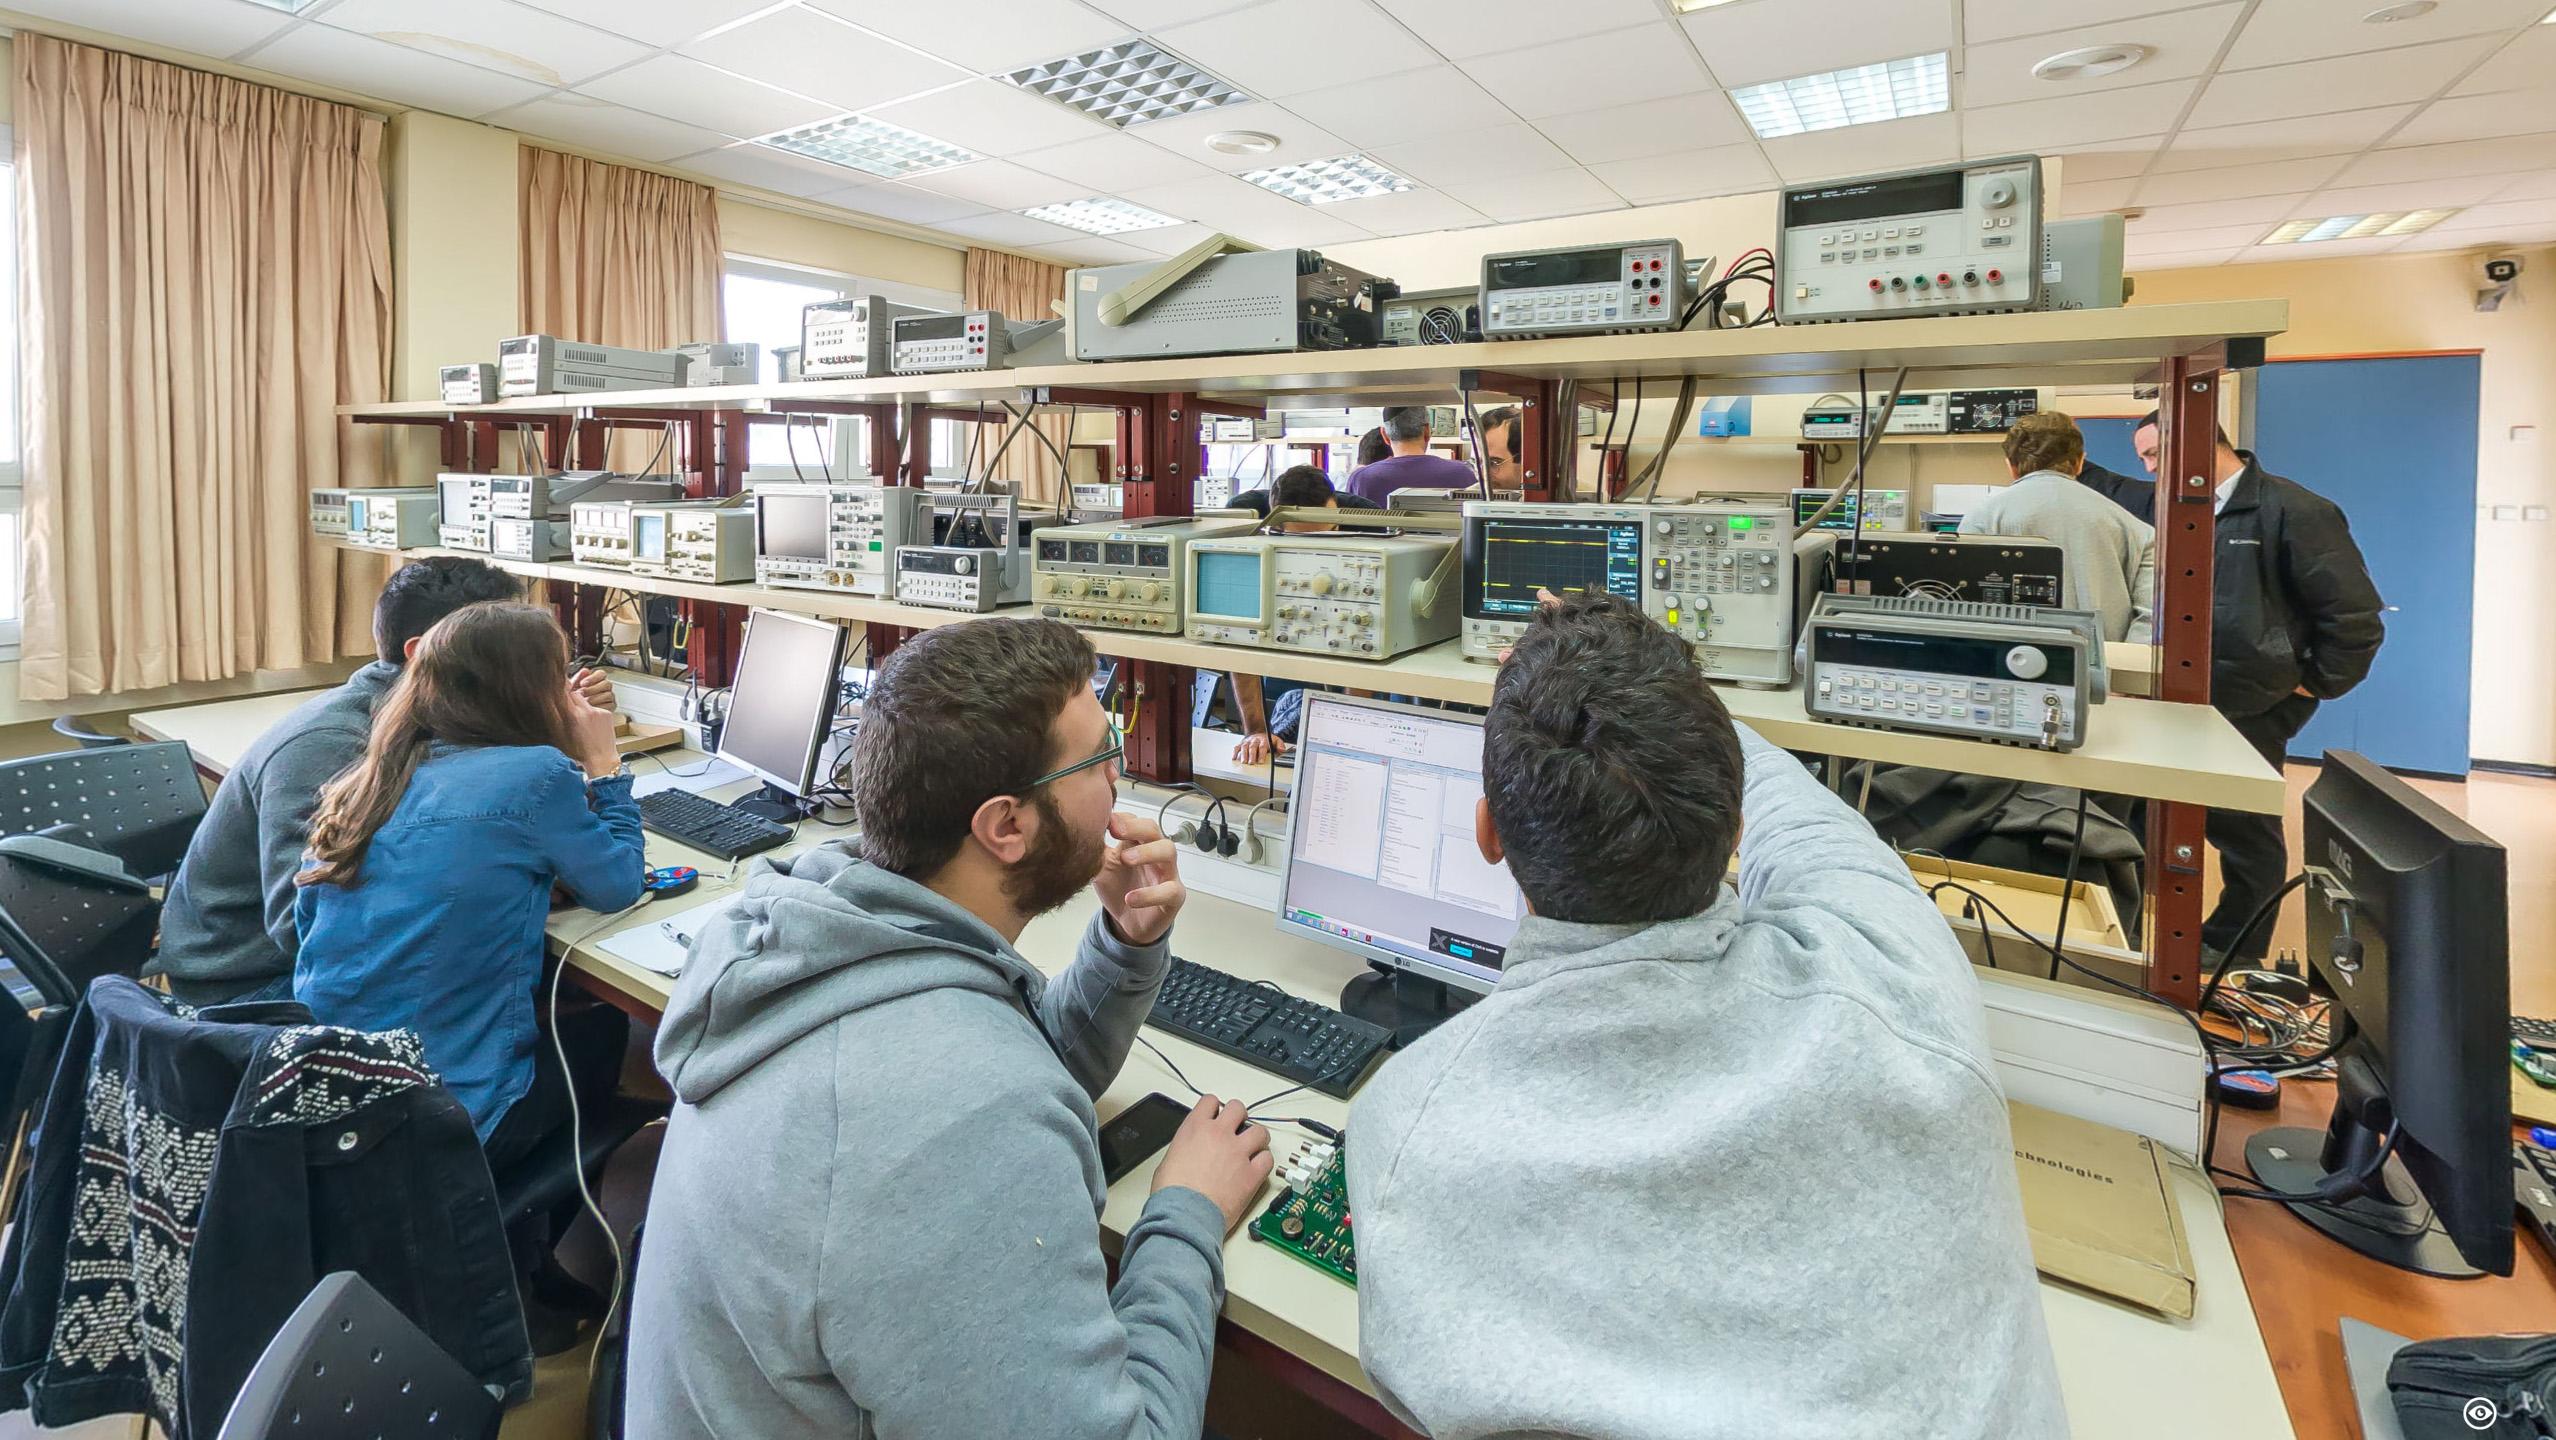 לימודים בעזריאלי מכללה אקדמית להנדסה ירושלים